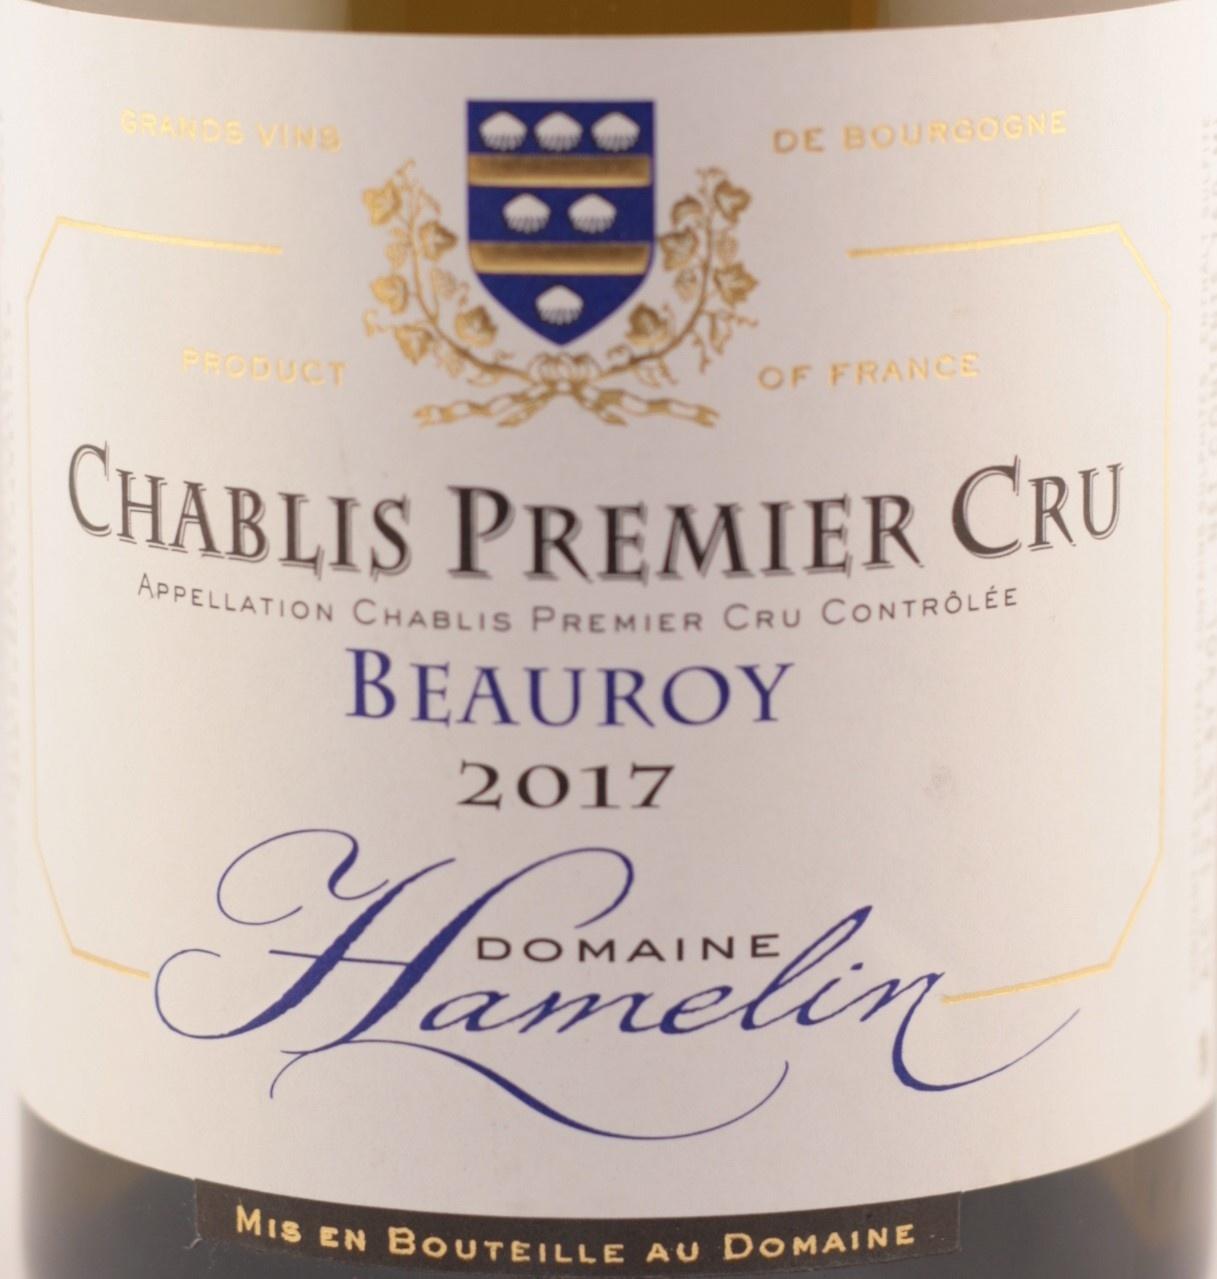 Chablis | Primier cru Beauroy | Domaine Hamelin |2016